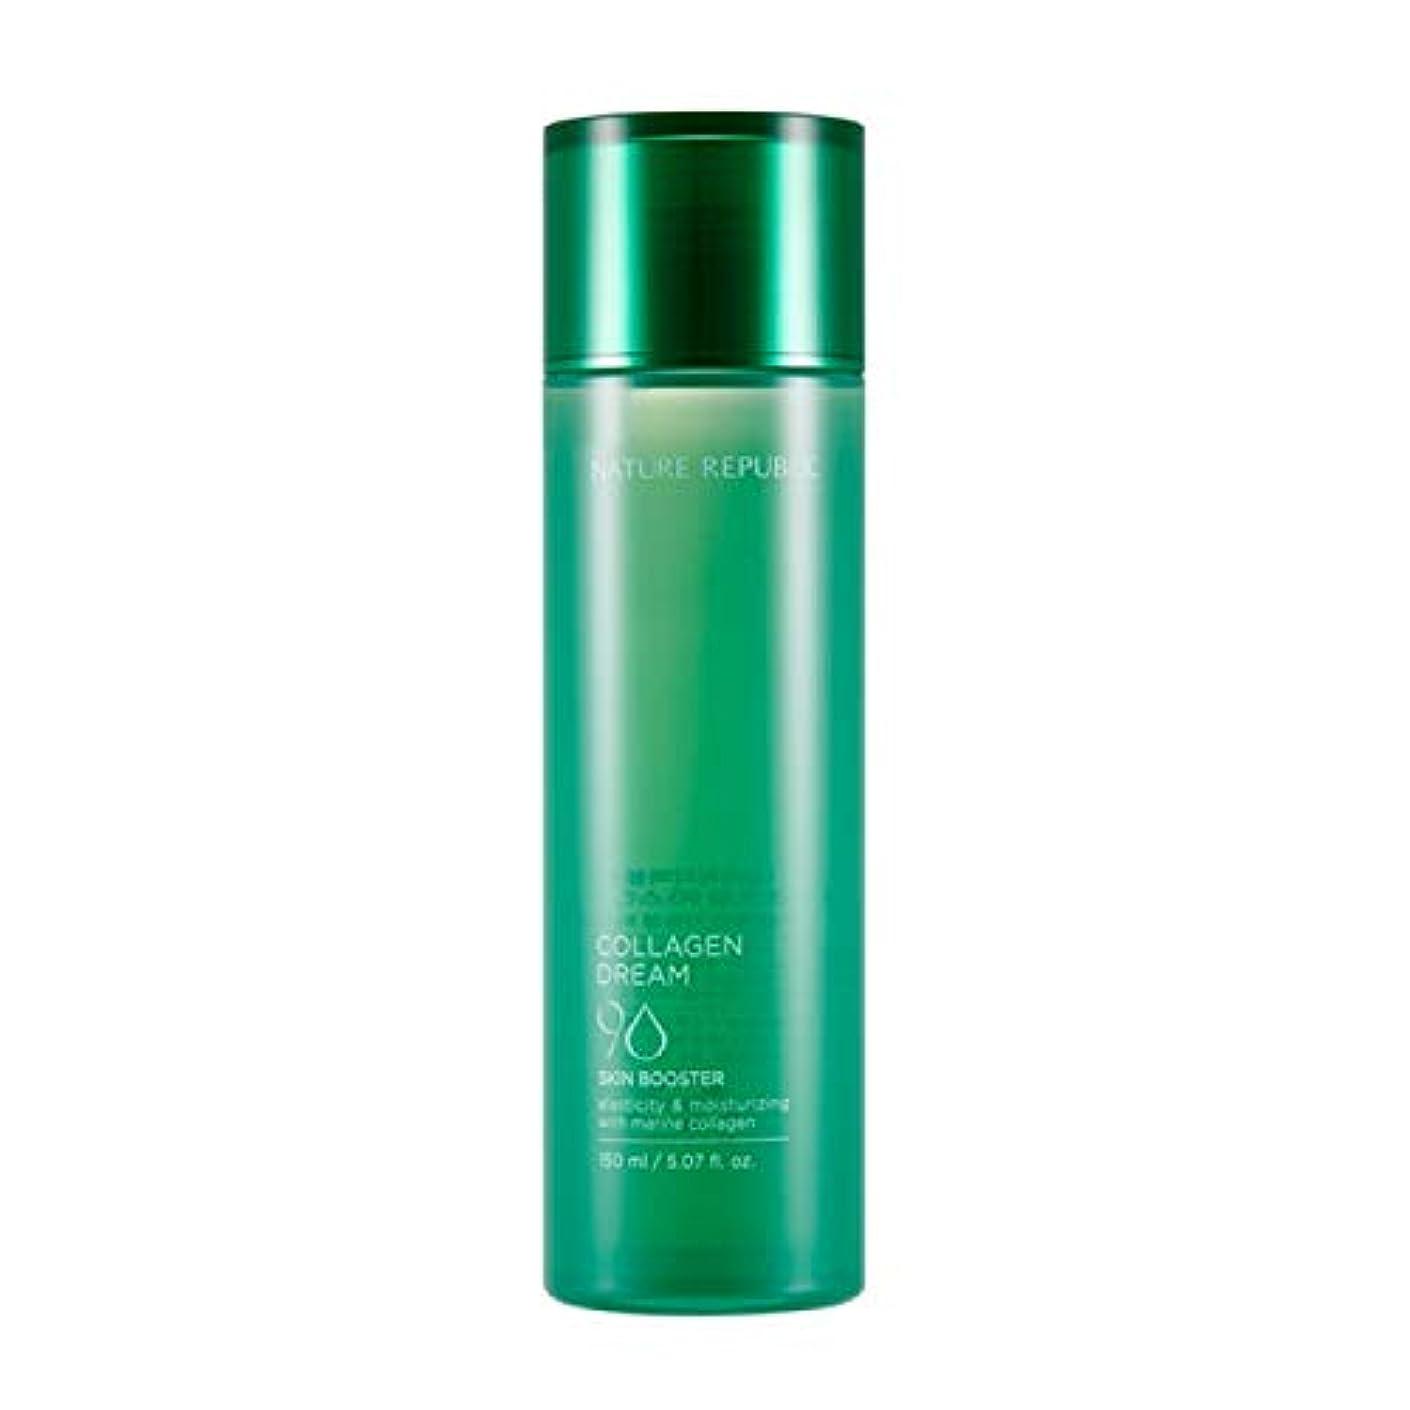 応用感情の応用ネイチャーリパブリック(Nature Republic)コラーゲンドリーム90スキンブースター / Collagen Dream 90 Skin Booster 150ml :: 韓国コスメ [並行輸入品]